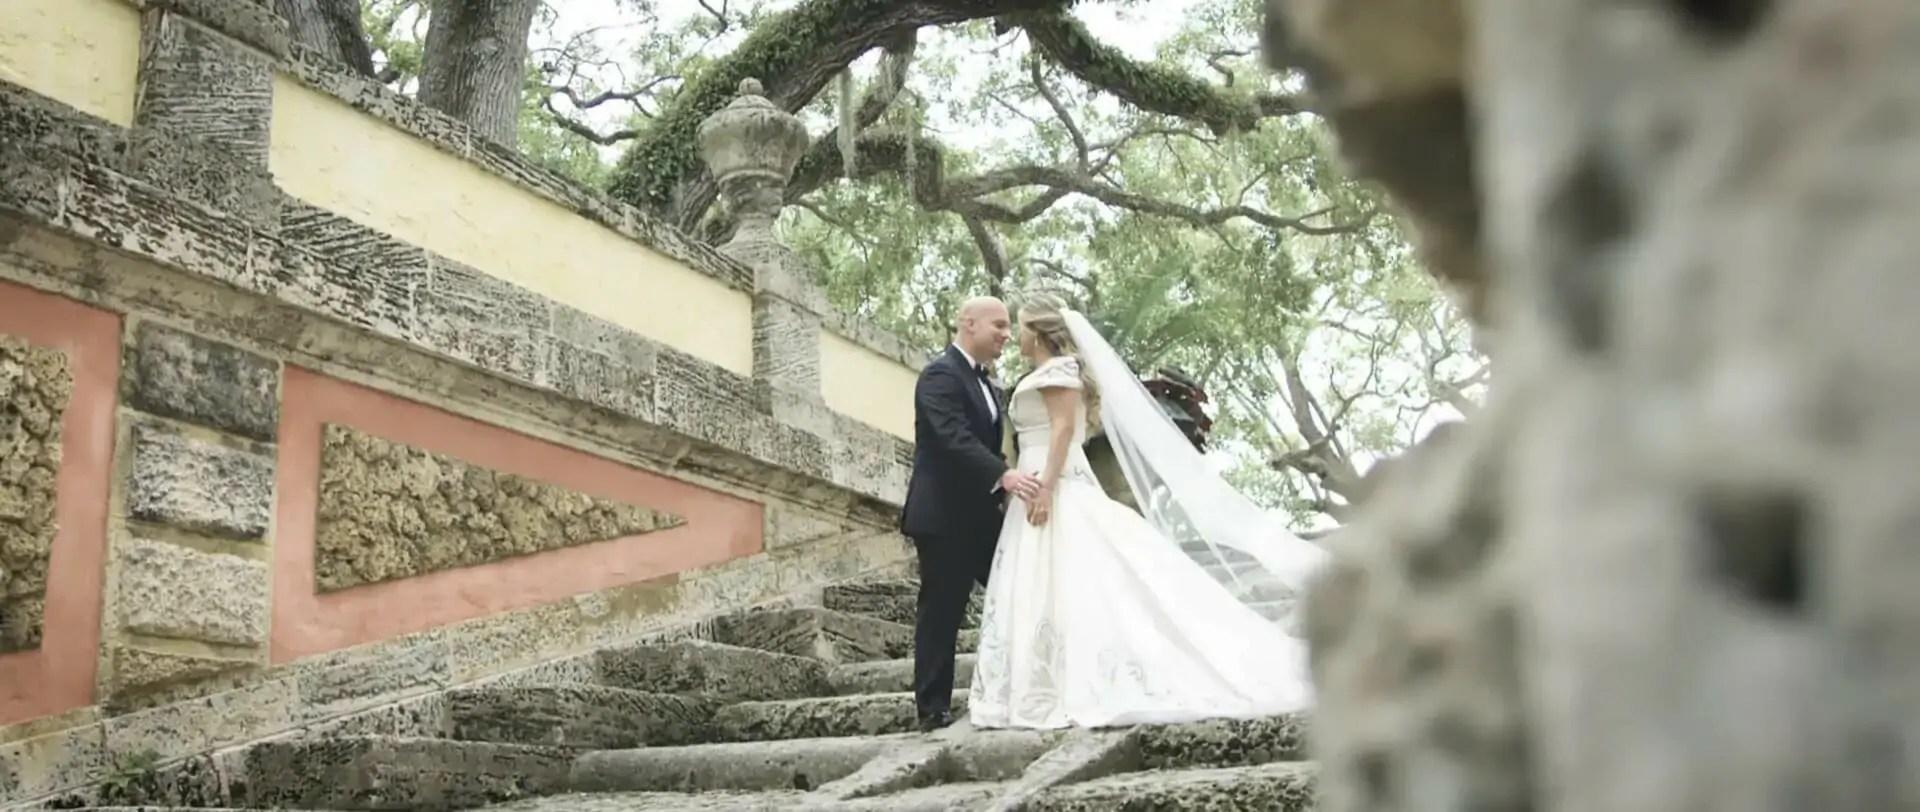 Alicia & Eric Wedding Film